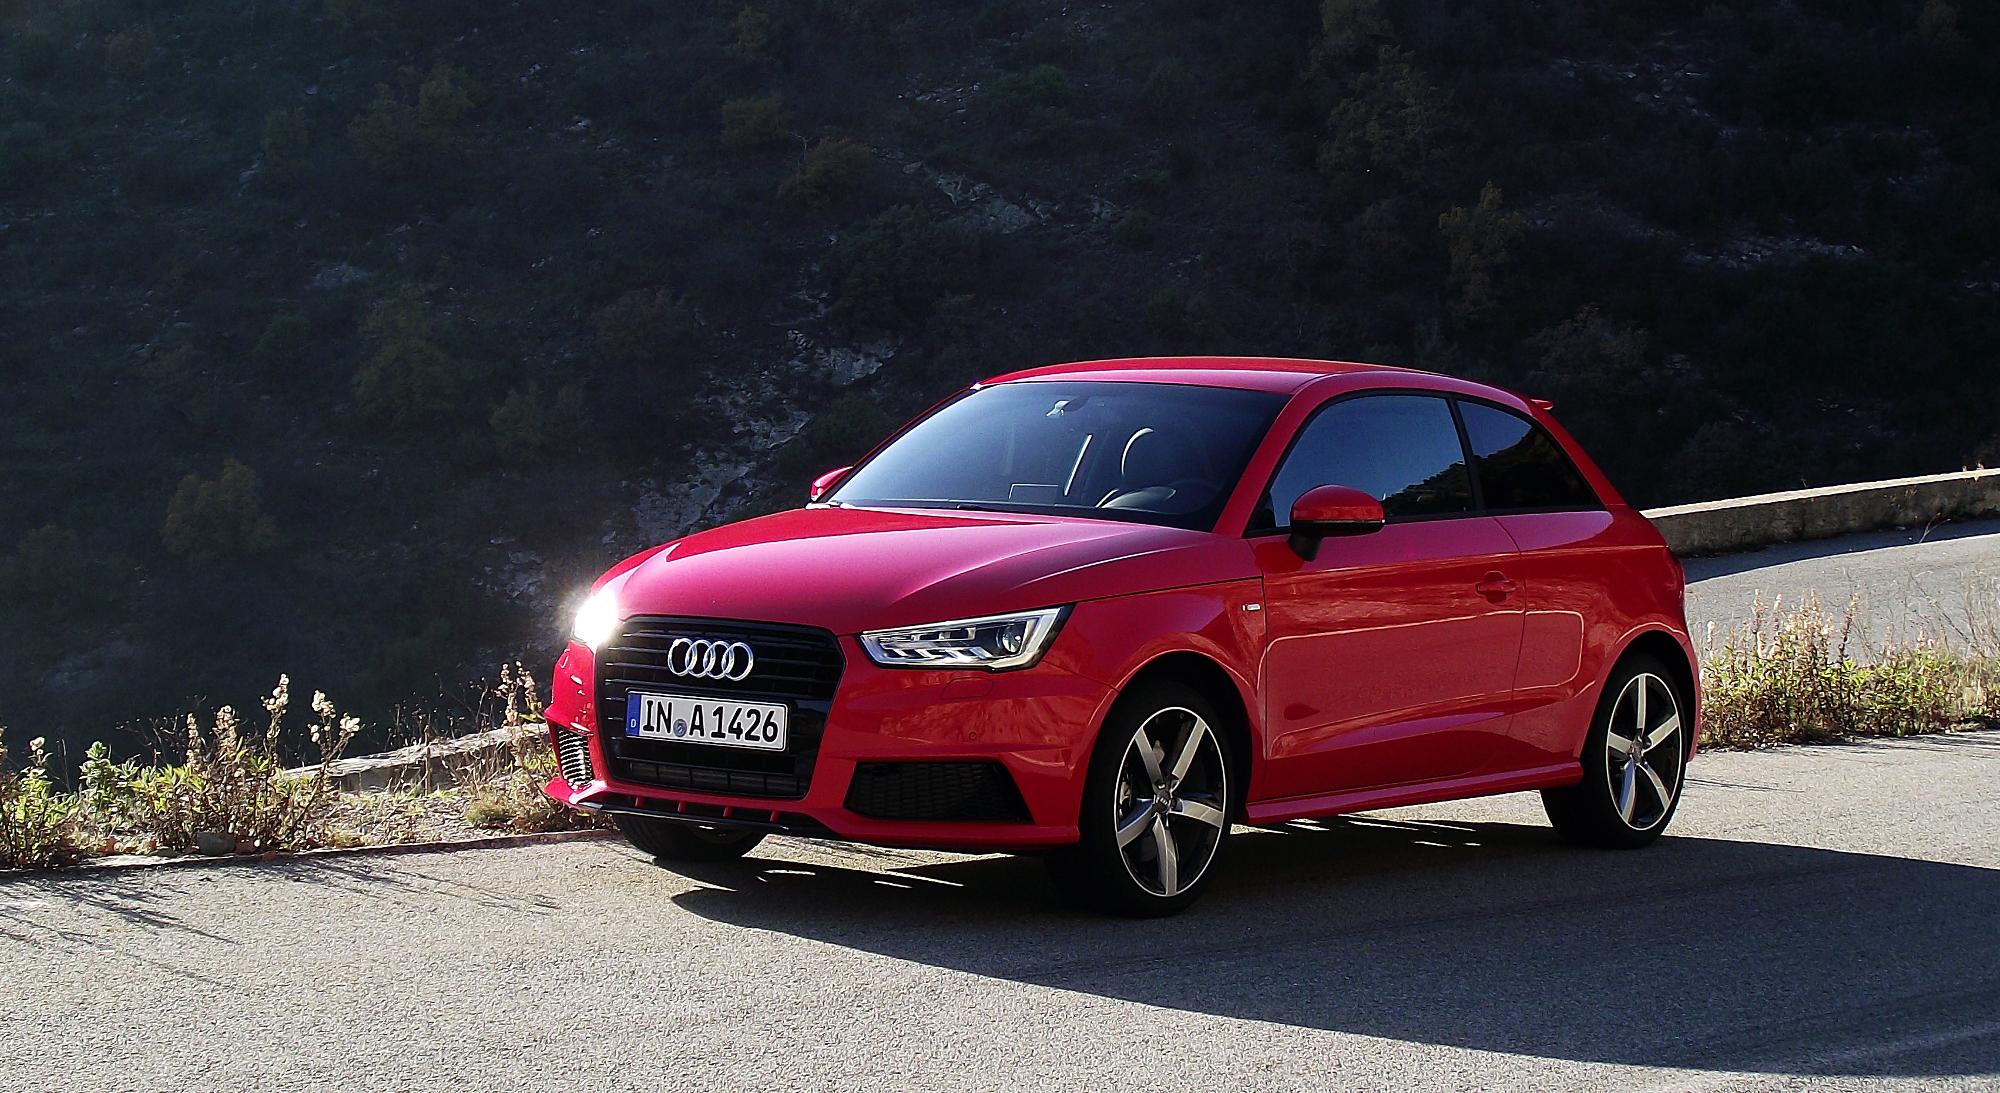 Description 2015 Facelift Audi A1 Typ 8X 1.8 TFSI S tronic 141 kW